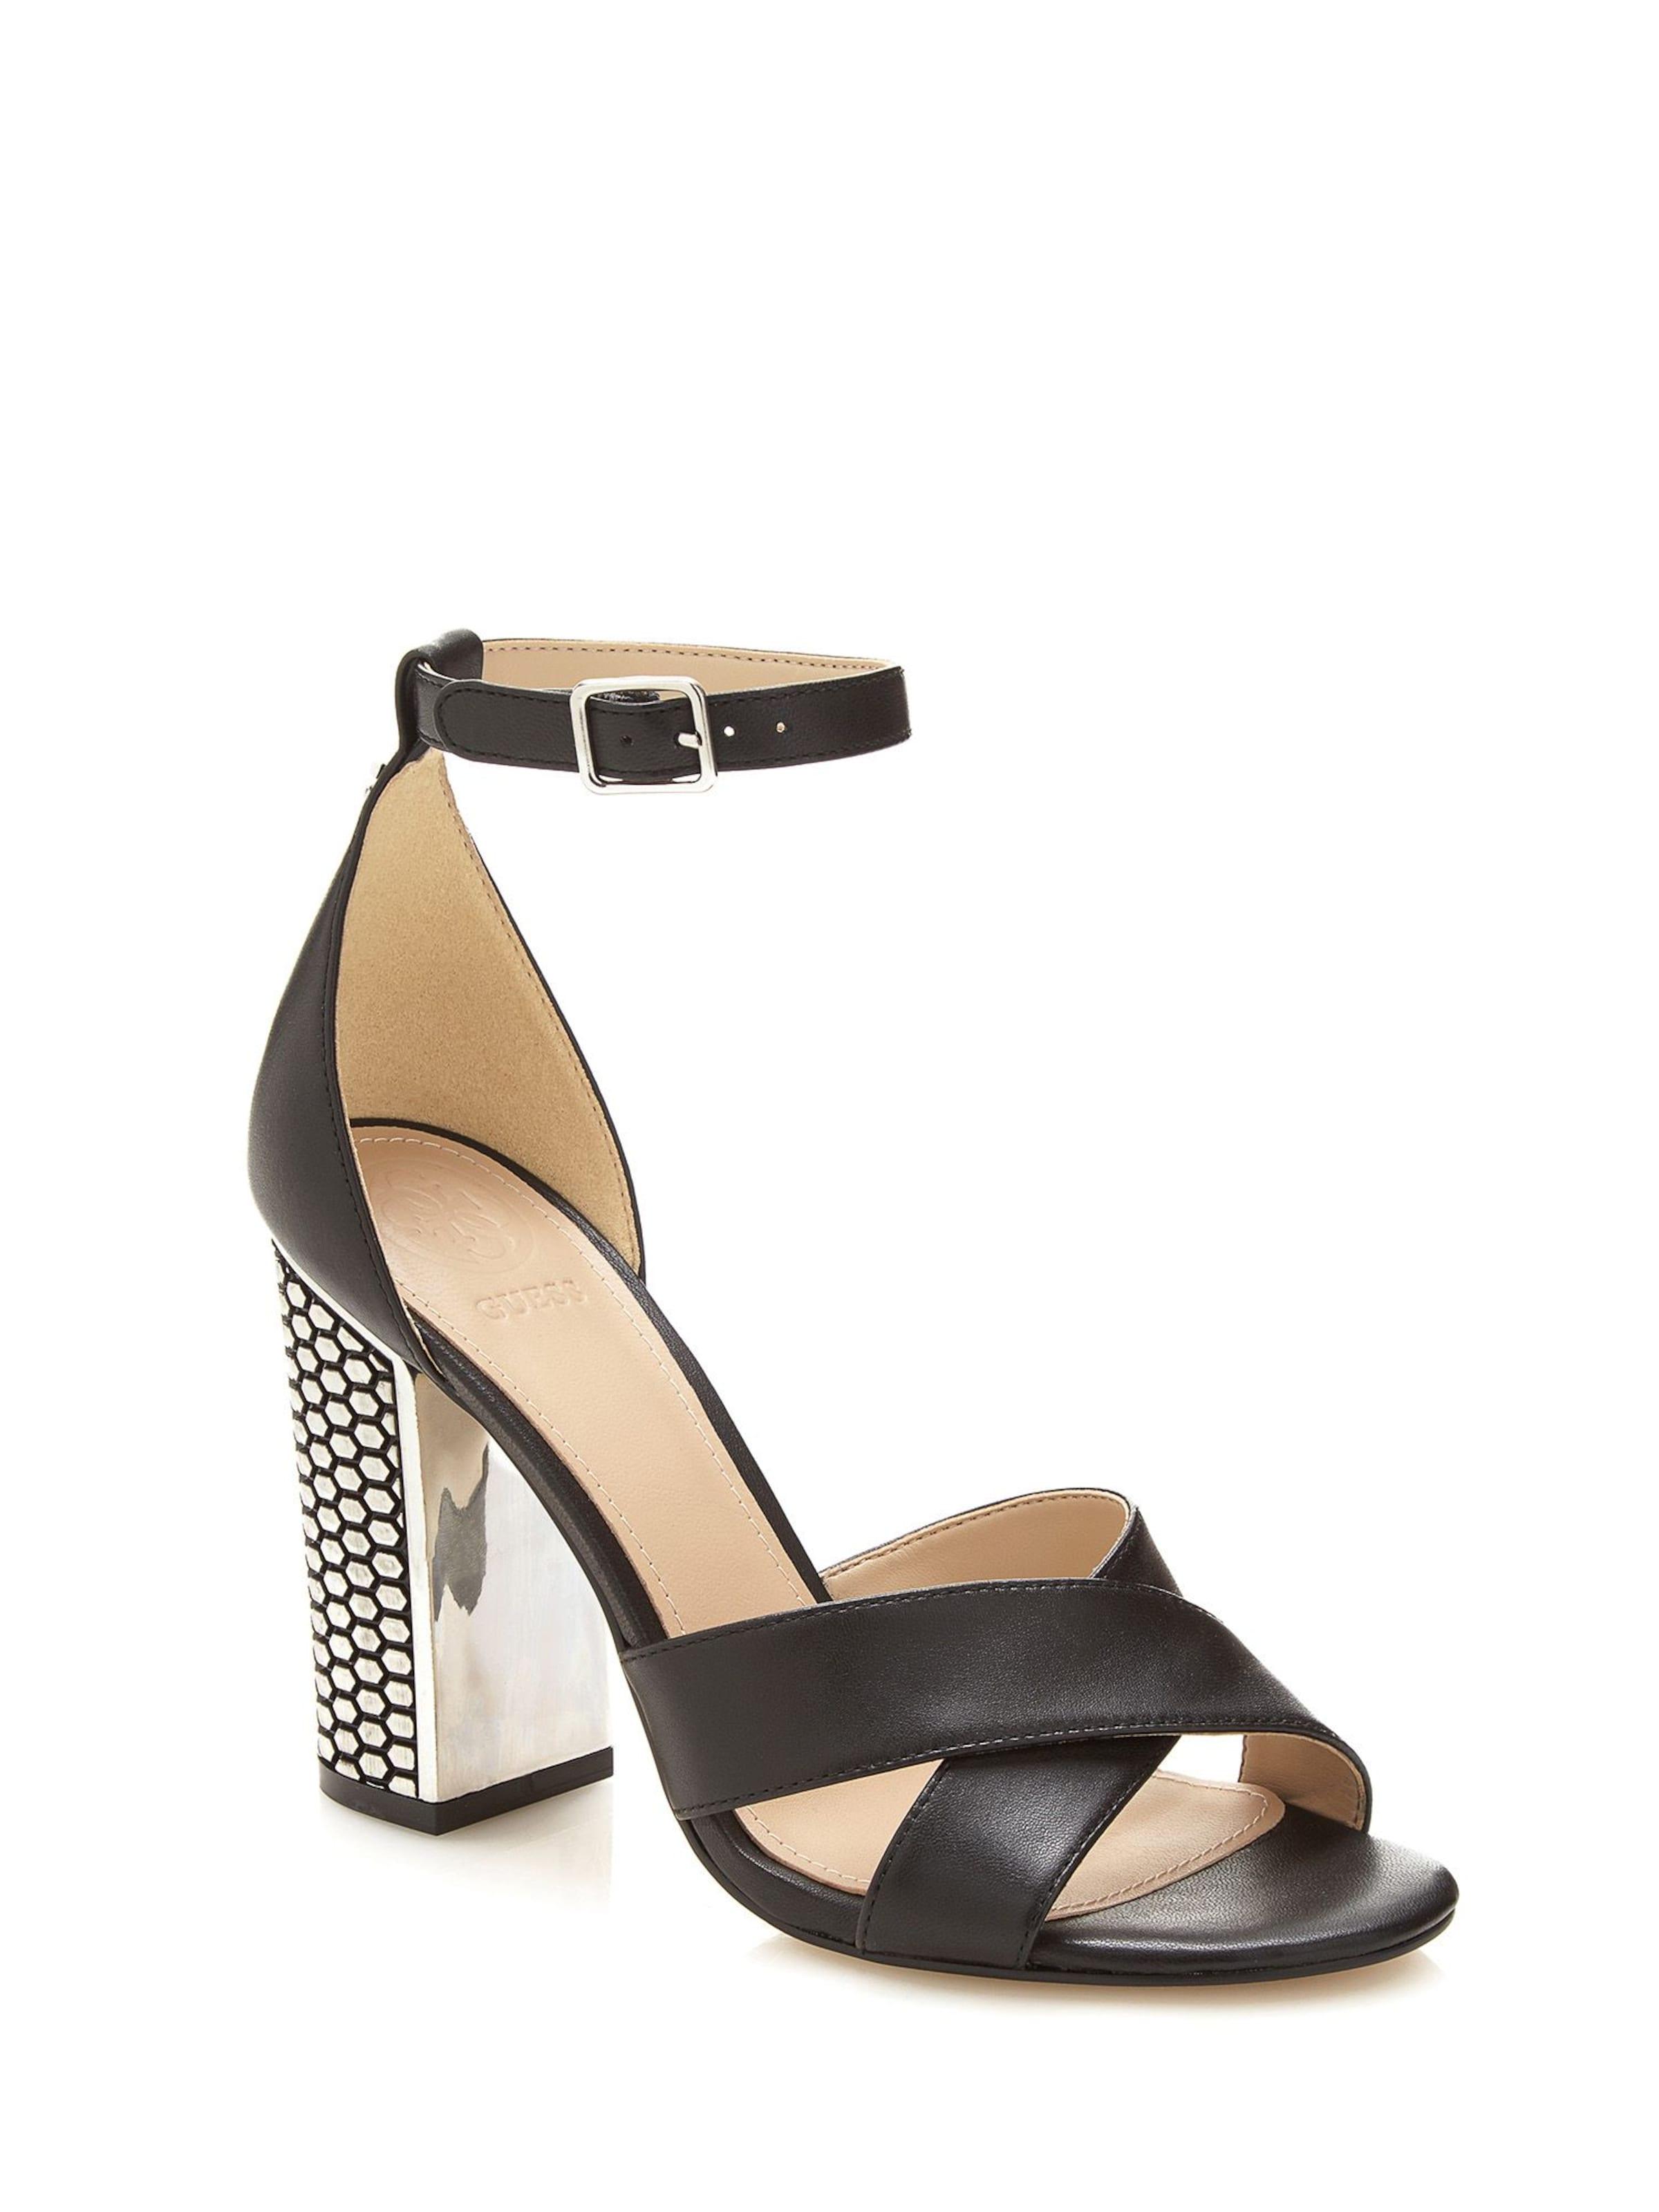 Haltbare Mode billige Schuhe GUESS | SANDALETTE 'ABRIANA' Schuhe Gut getragene Schuhe